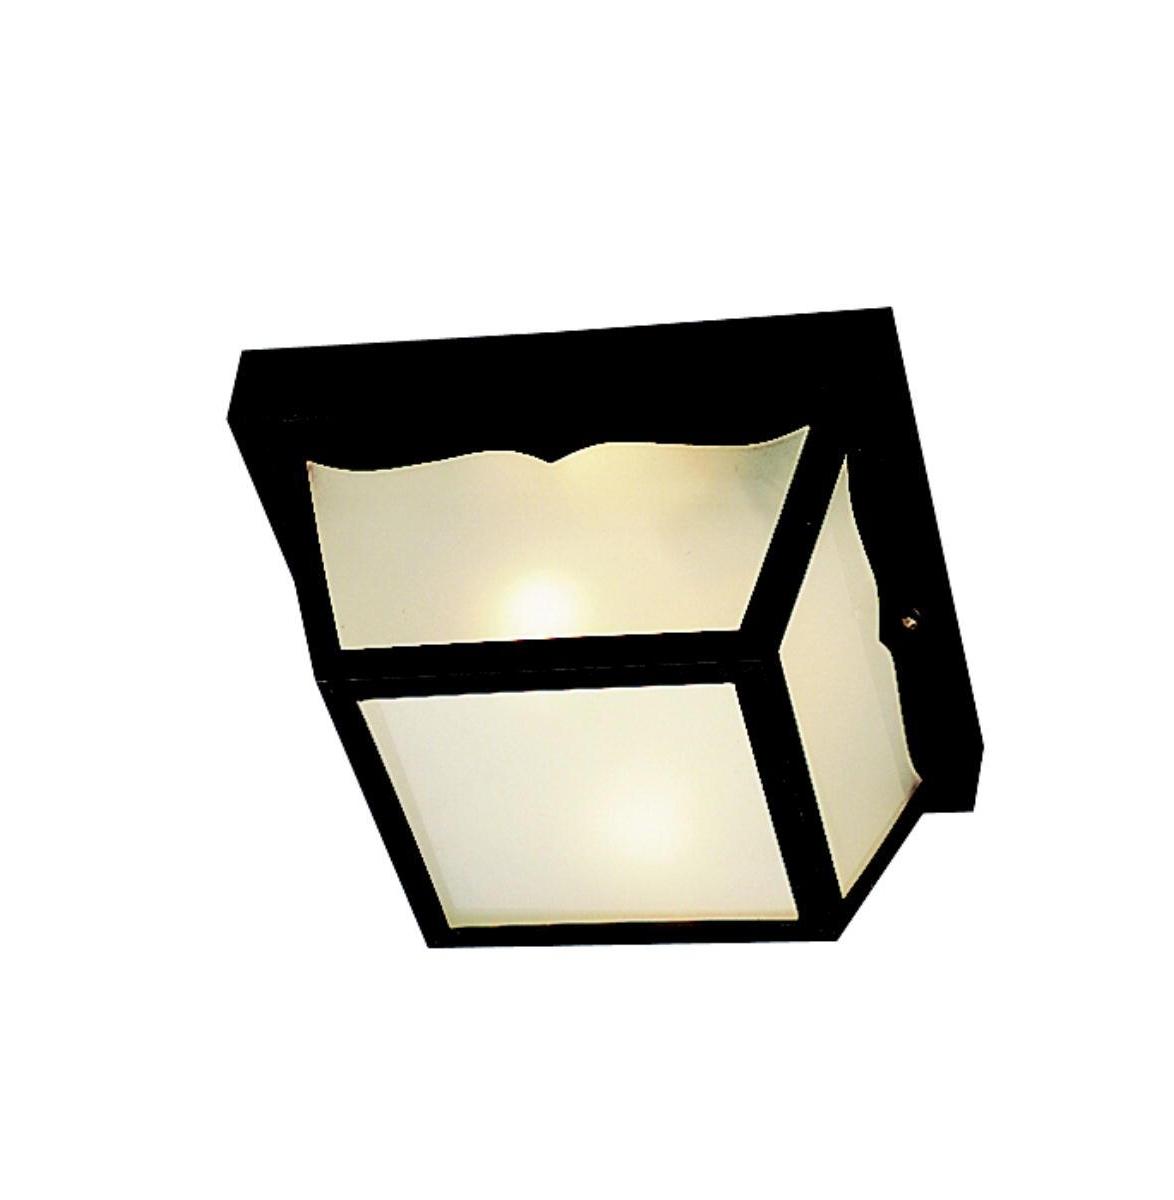 Trendy Plastic Outdoor Ceiling Lights: Deka Ingram Cm Silver Plastic Indoor With Regard To Plastic Outdoor Ceiling Lights (View 18 of 20)